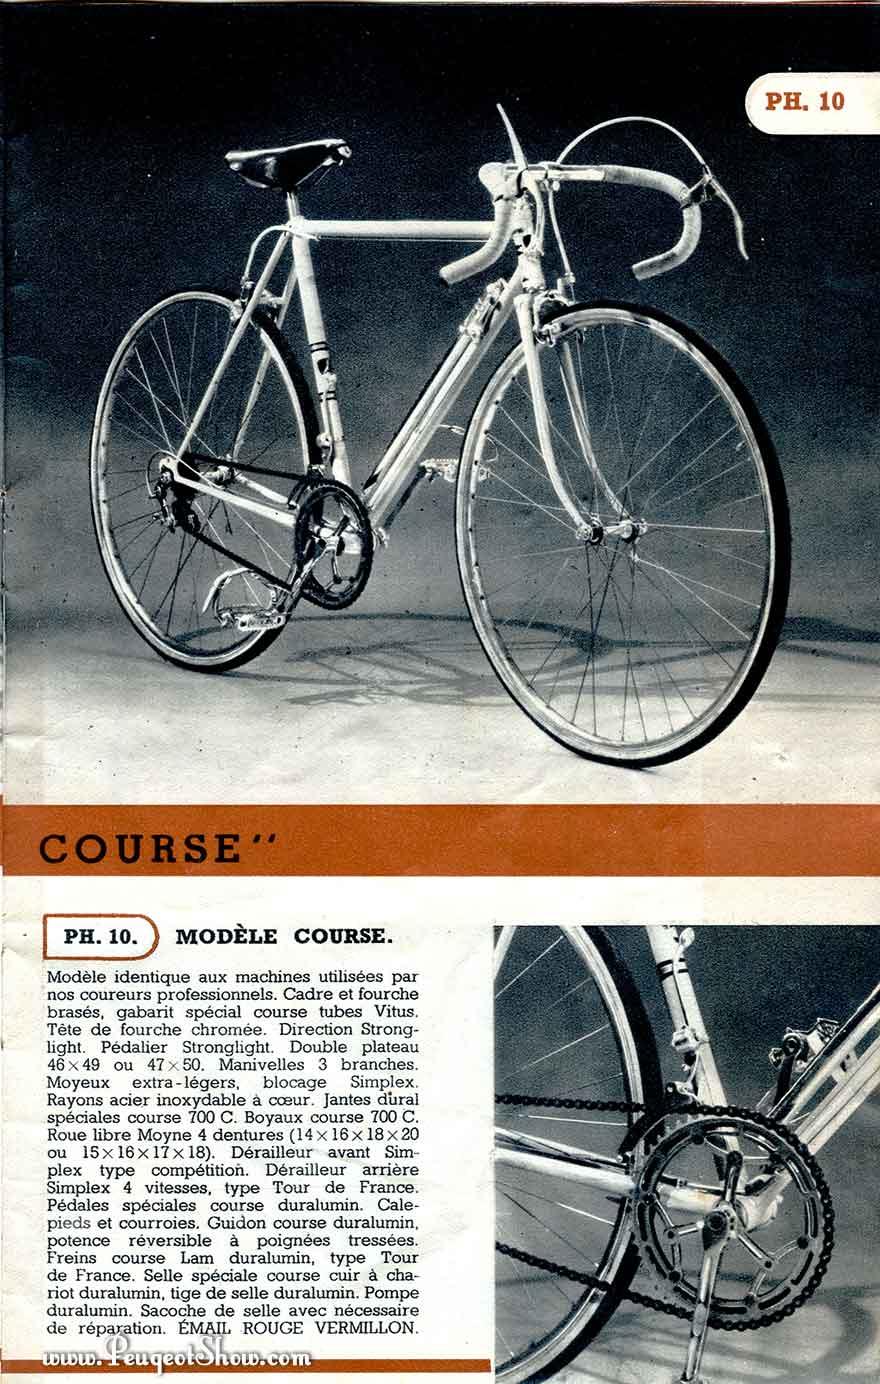 Peugeot course inconnu 1949 ou 1950 1950fr_15